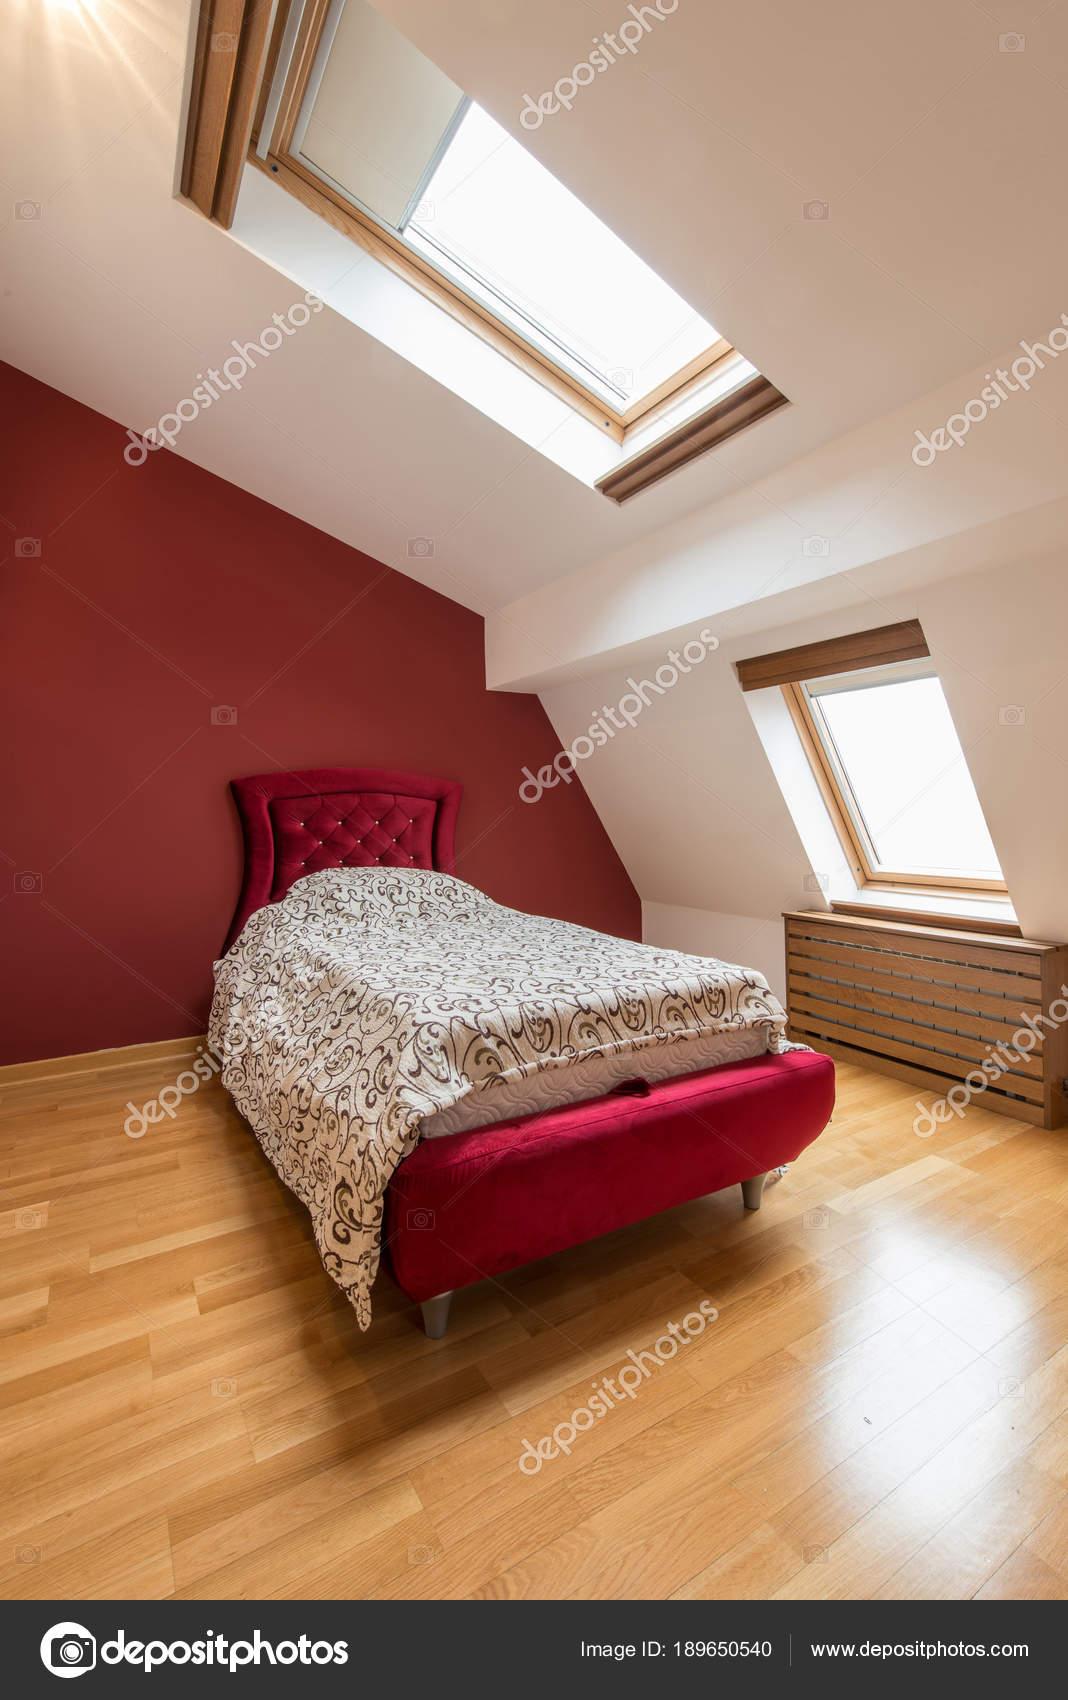 slaapkamer met rood bed en woonkamer slaapkamer in het